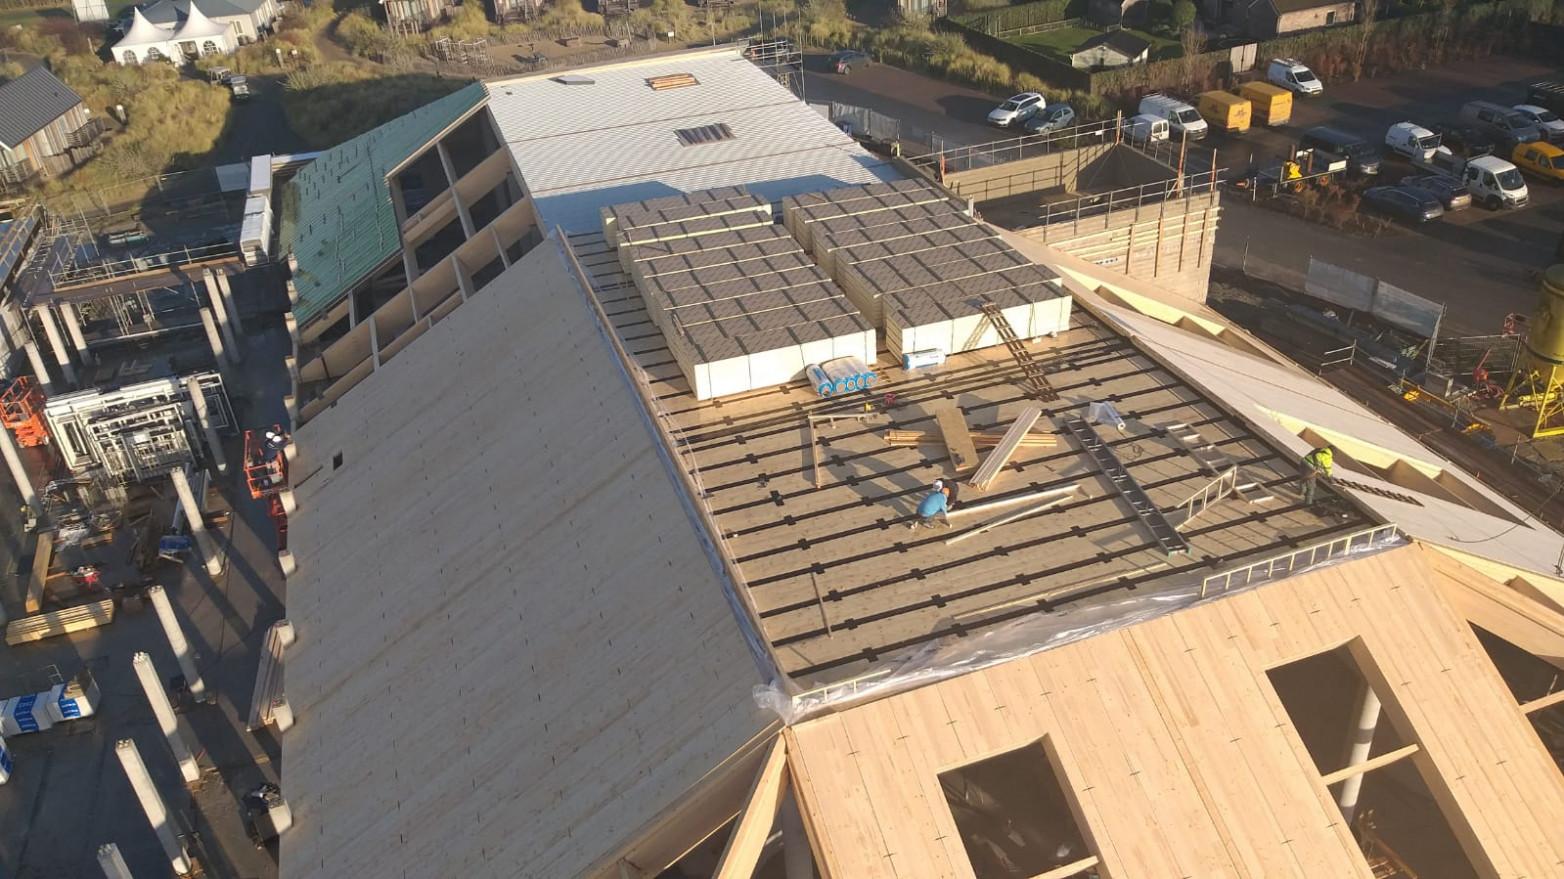 houtbouwer_draagconstructies_vakwerk_hoofdgebouw_fd76451658c0770b71959787a66b52e9.jpg